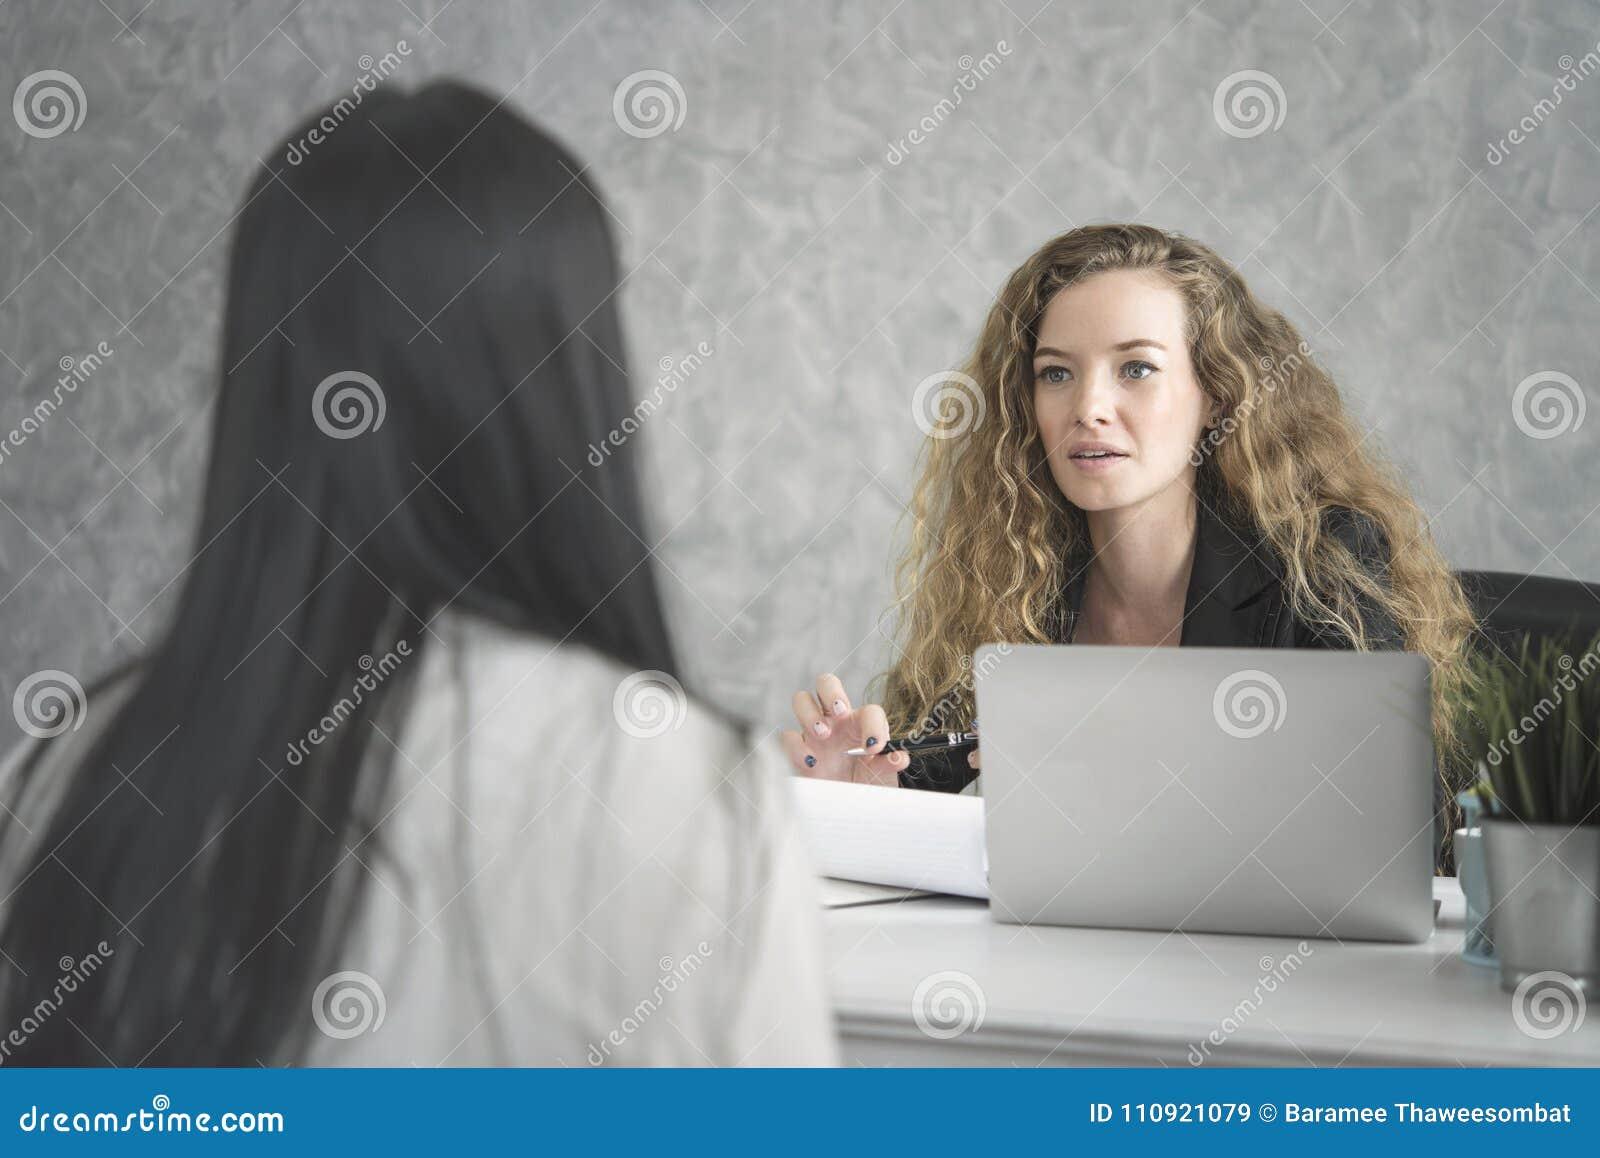 Młoda kobieta działy zasobów ludzkich i wnioskodawca jego rozmowa